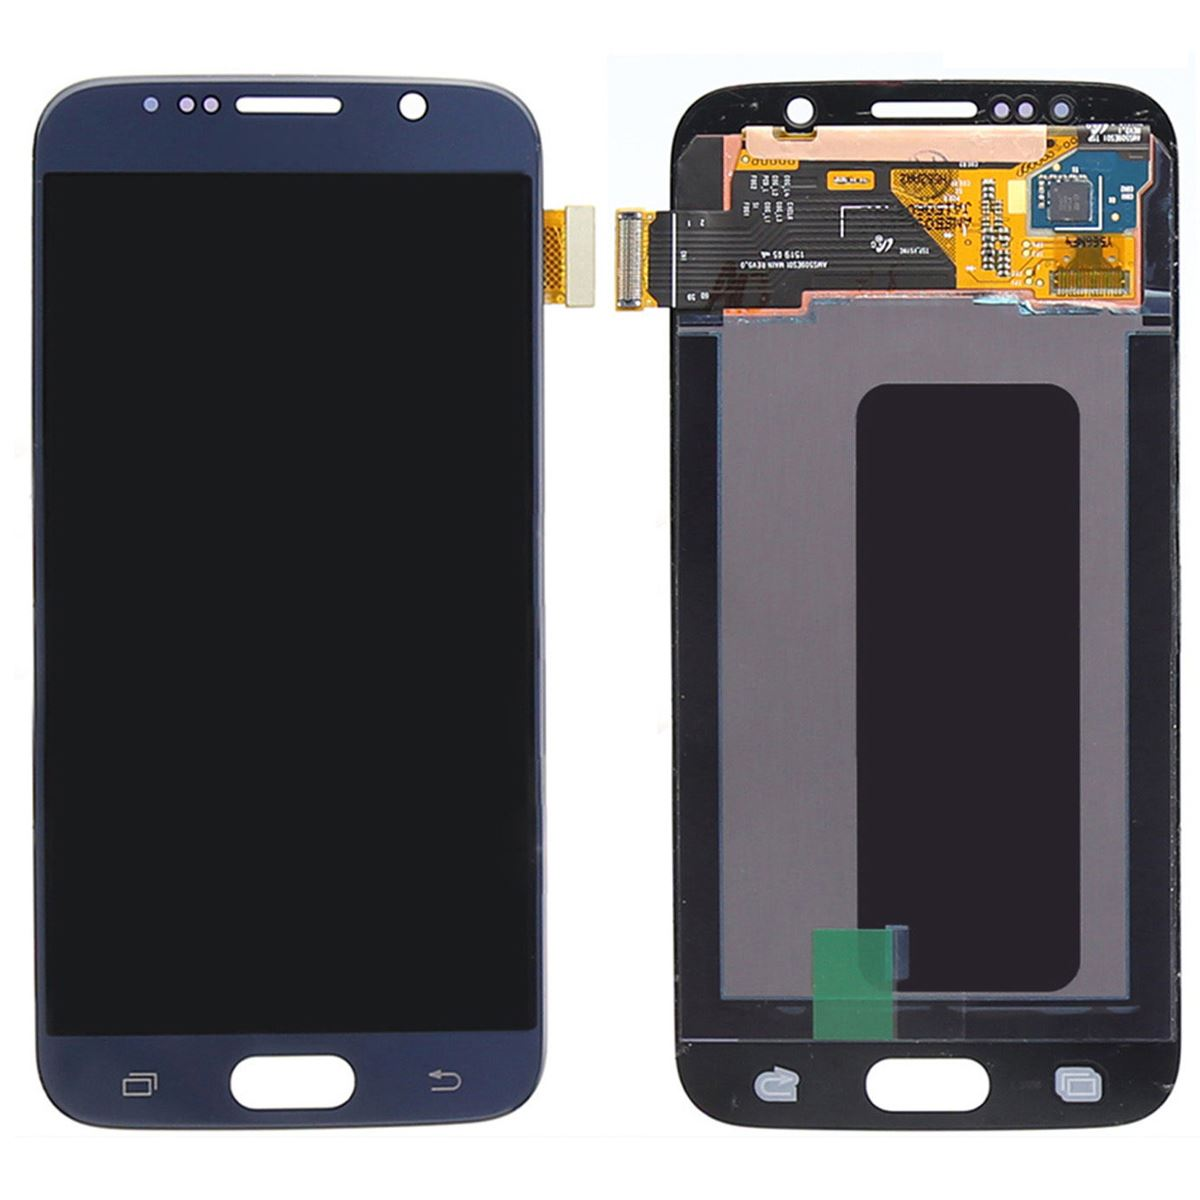 เปลี่ยนหน้าจอ Samsung Galaxy S6 หน้าจอแตก ไม่เห็นภาพ ทัสกรีนกดไม่ได้